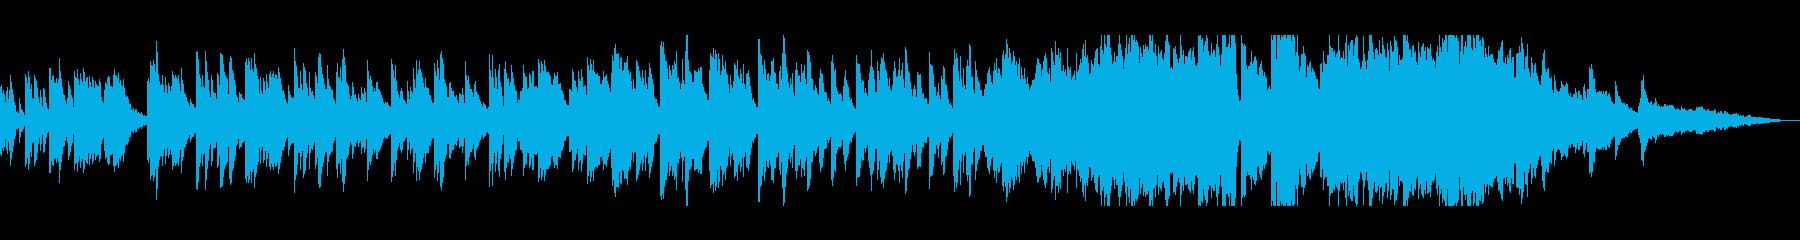 可憐で煌びやかなピアノサウンドの再生済みの波形